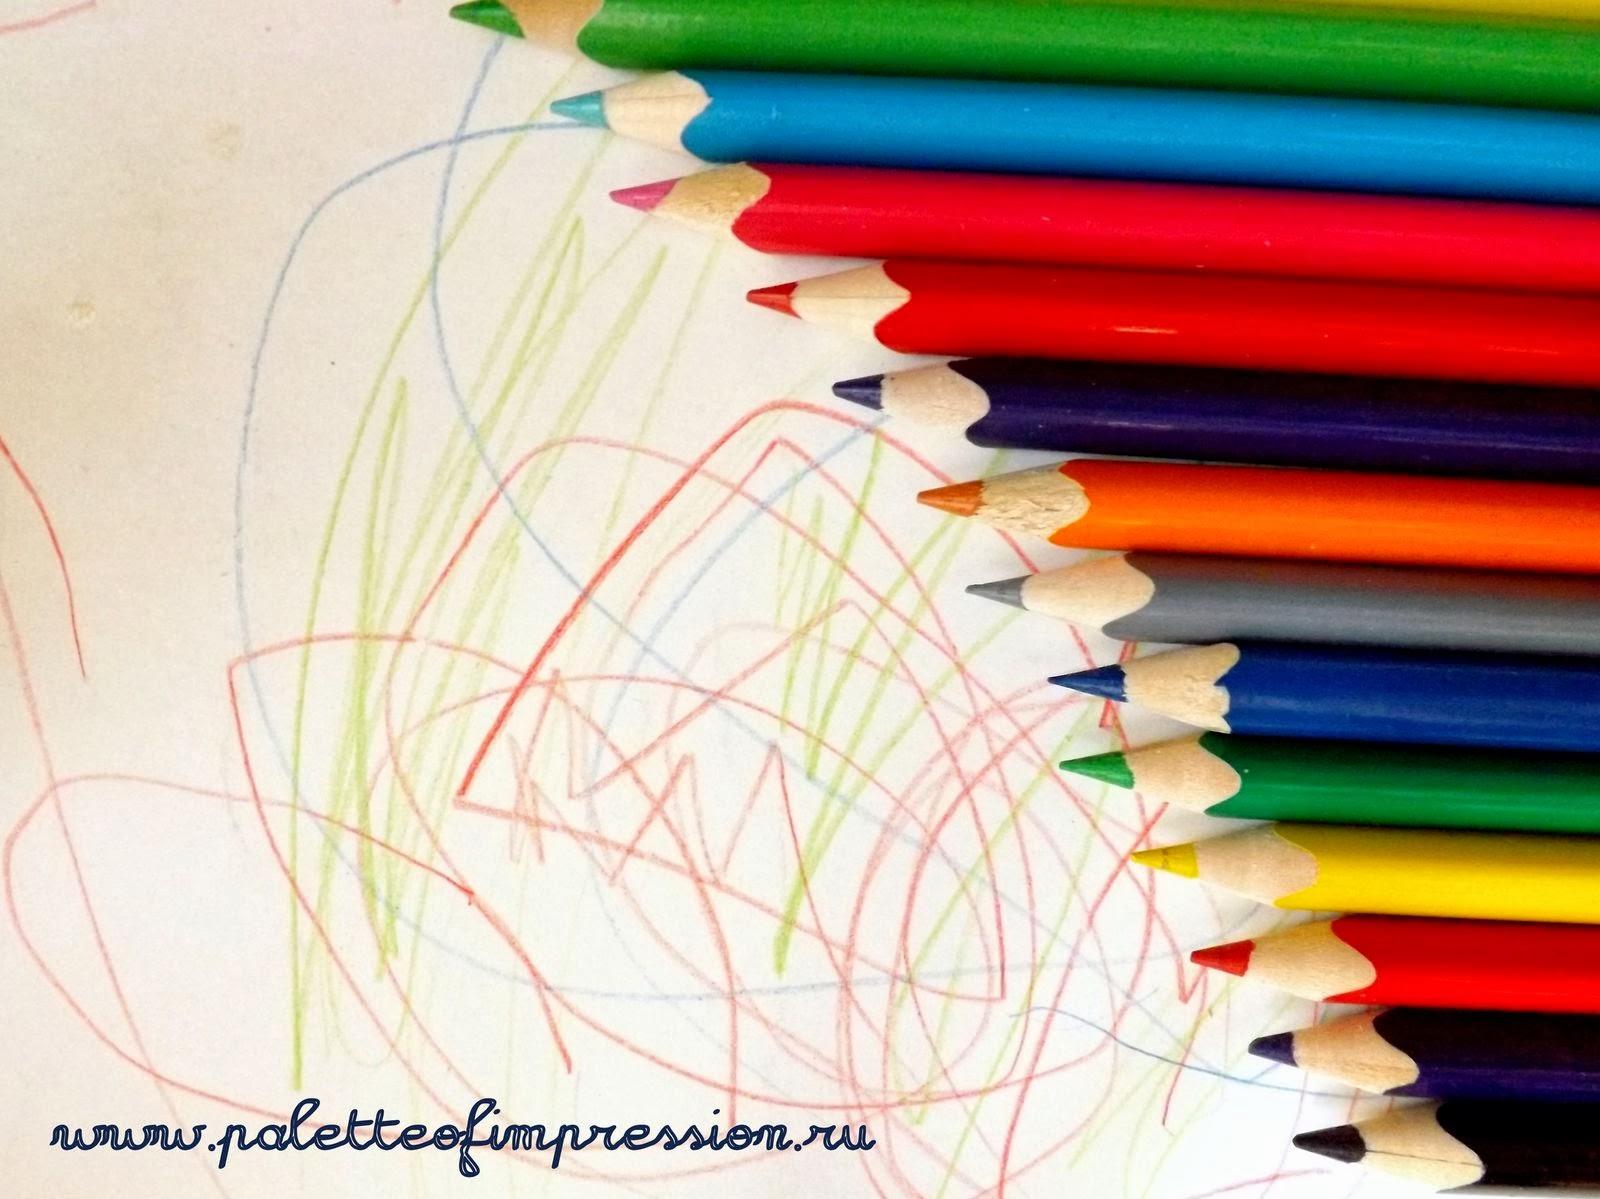 Детские рисунки карандашами, акварелью, на манной крупе. Детские каракули, черточки, точки. Блог Вся палитра впечатлений.